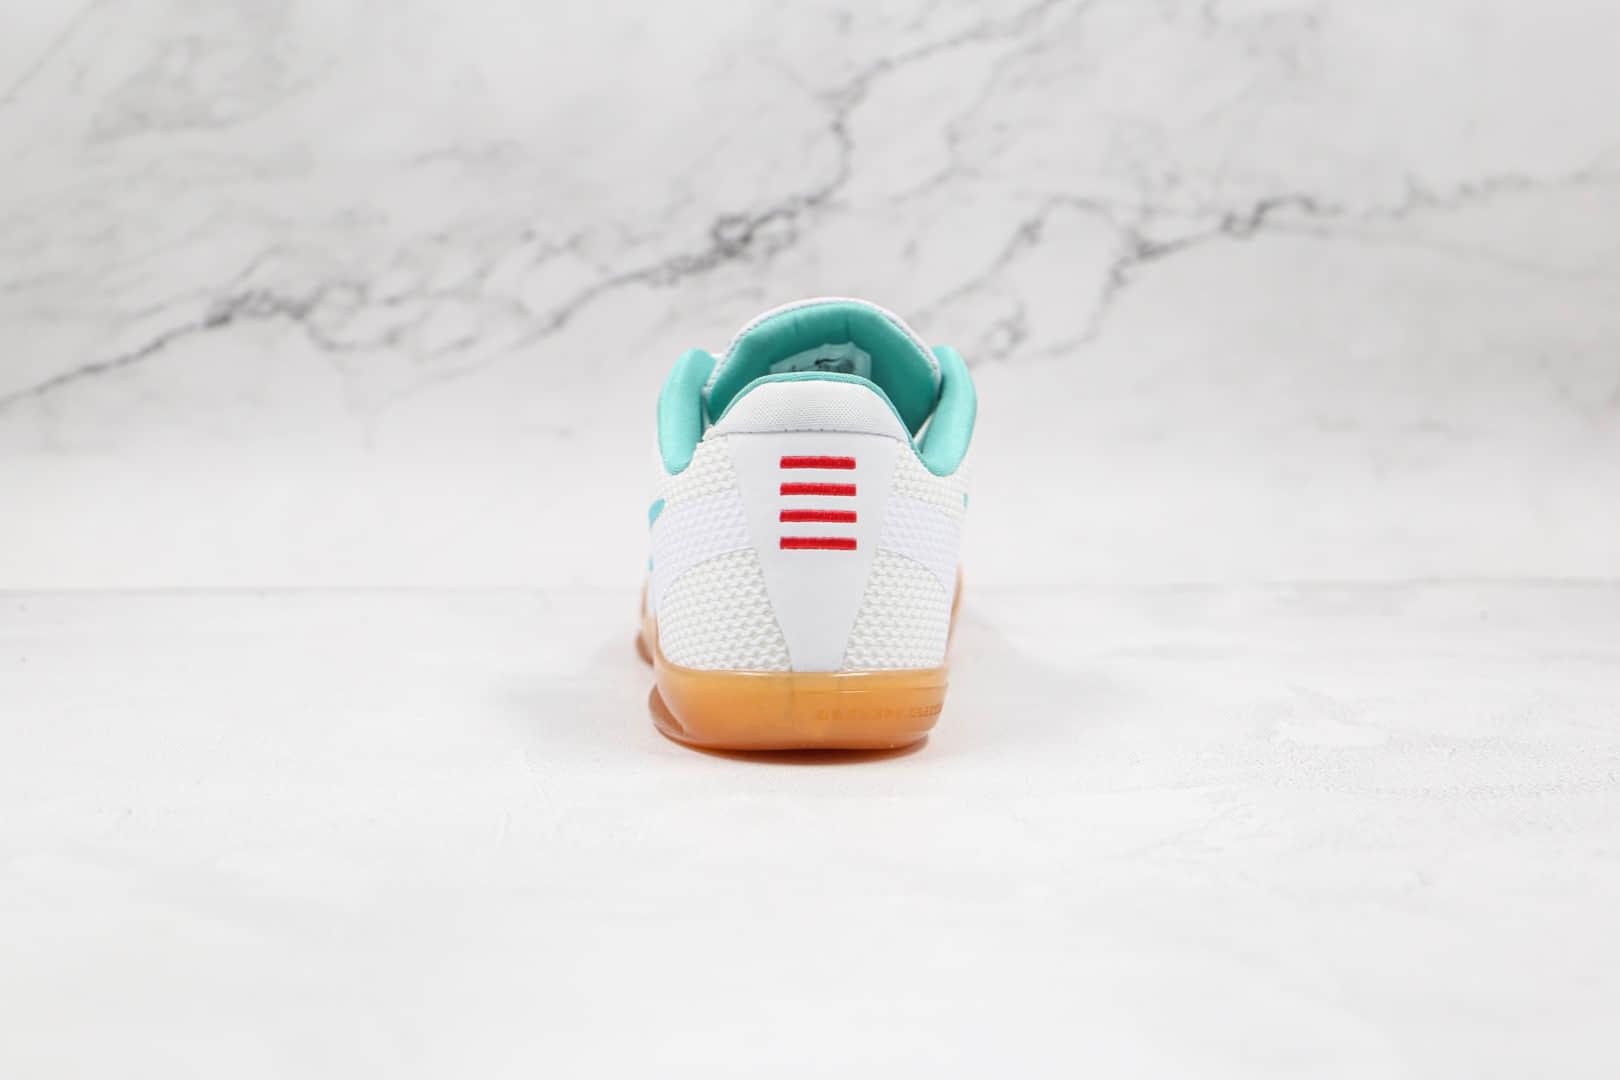 耐克Nike Kobe 11 EM纯原版本科比11代蒂芙尼绿生胶篮球鞋支持实战 货号:836184-103